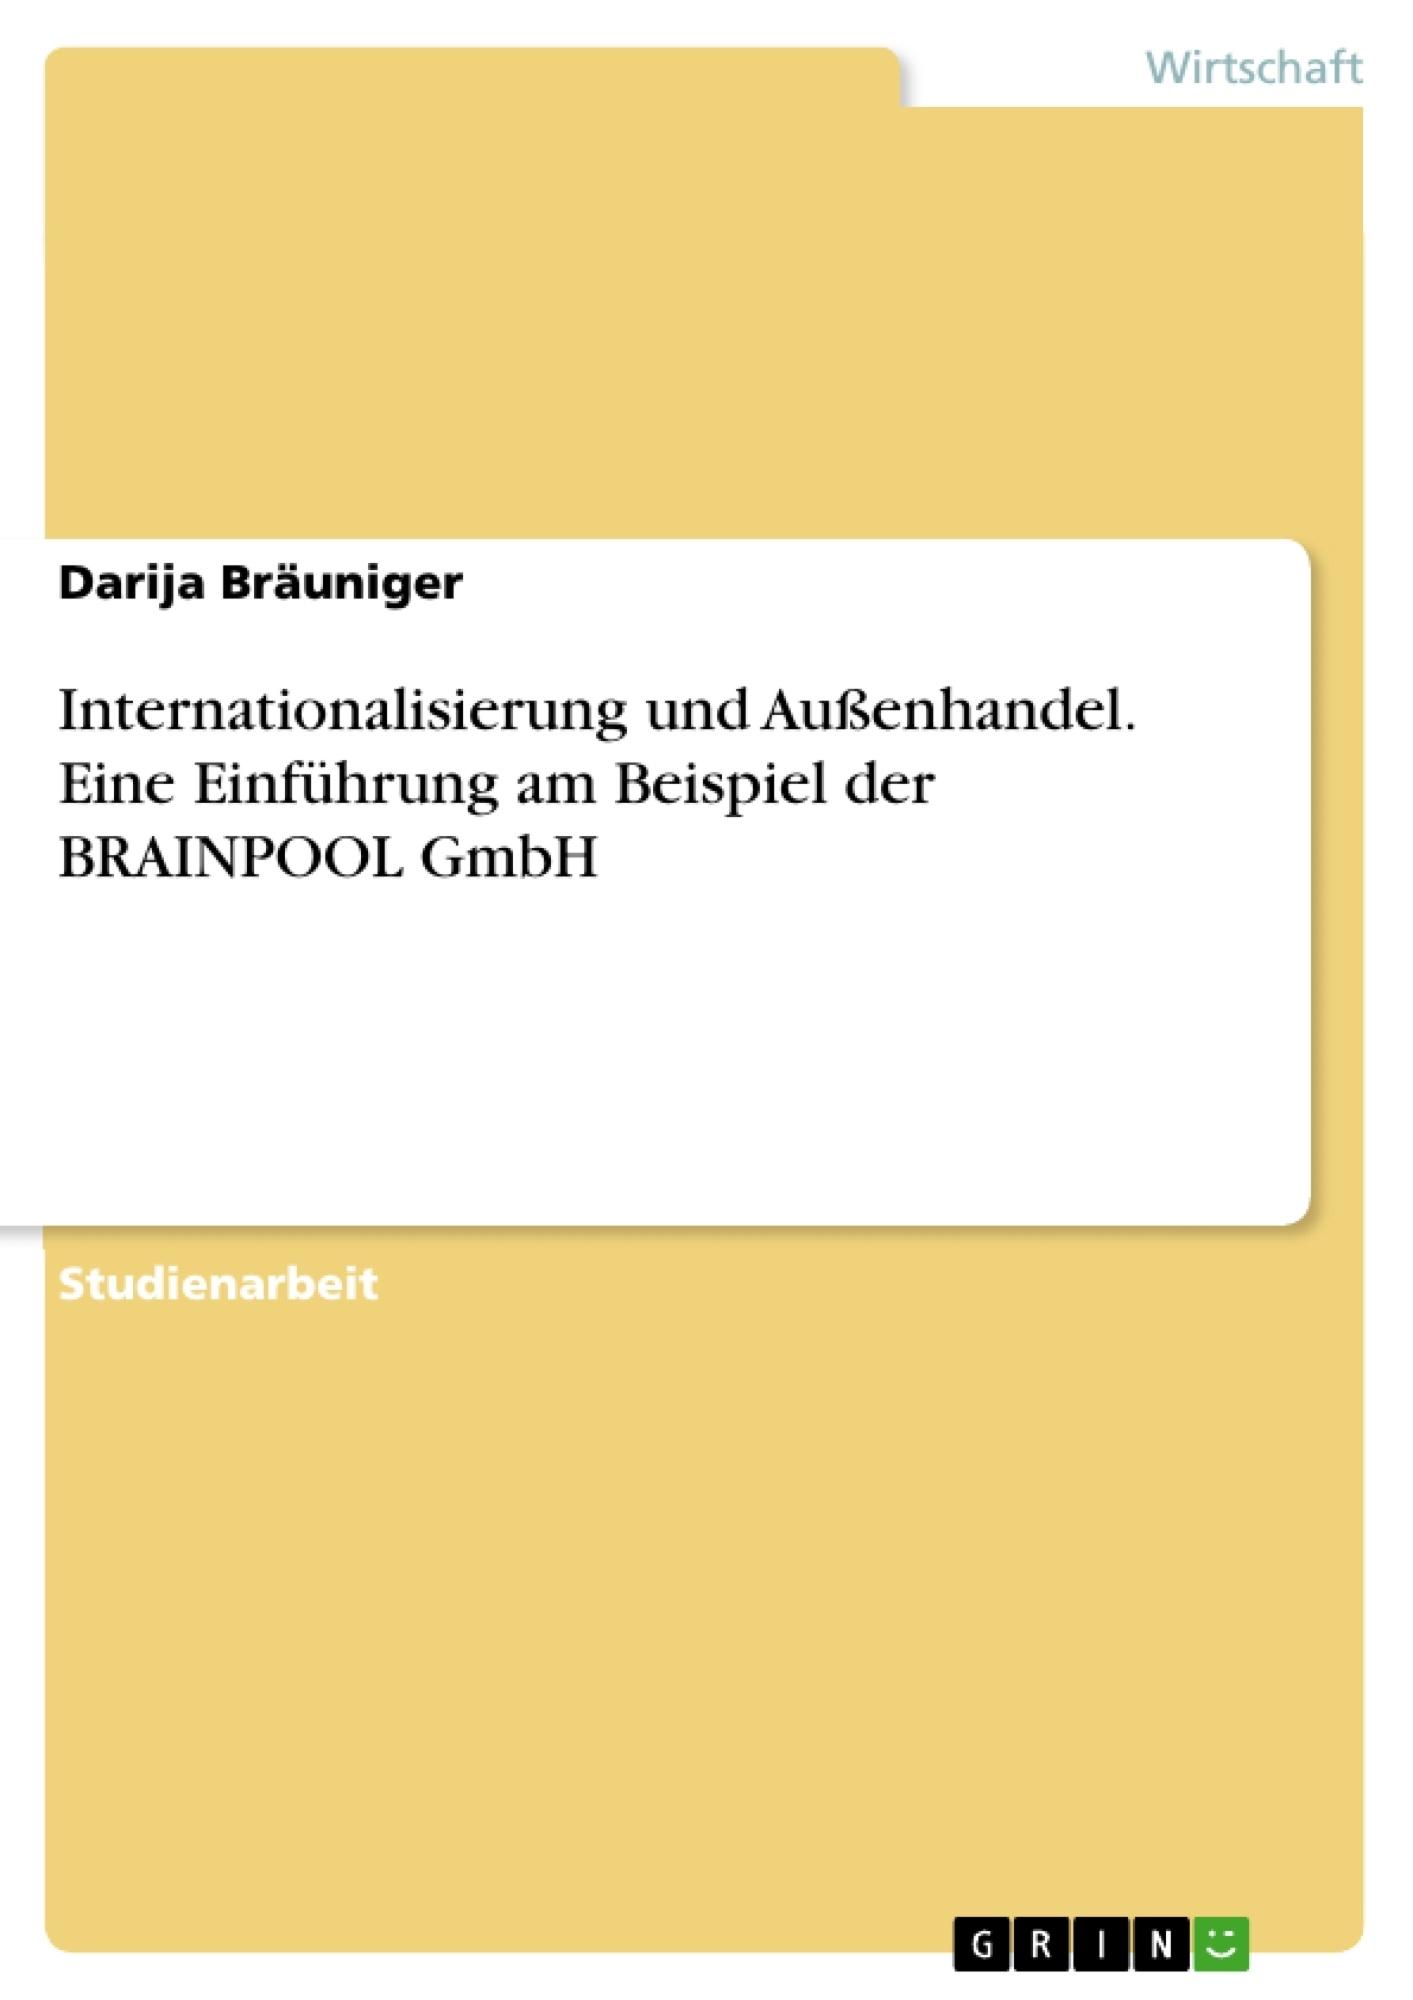 Titel: Internationalisierung und Außenhandel. Eine Einführung am Beispiel der BRAINPOOL GmbH